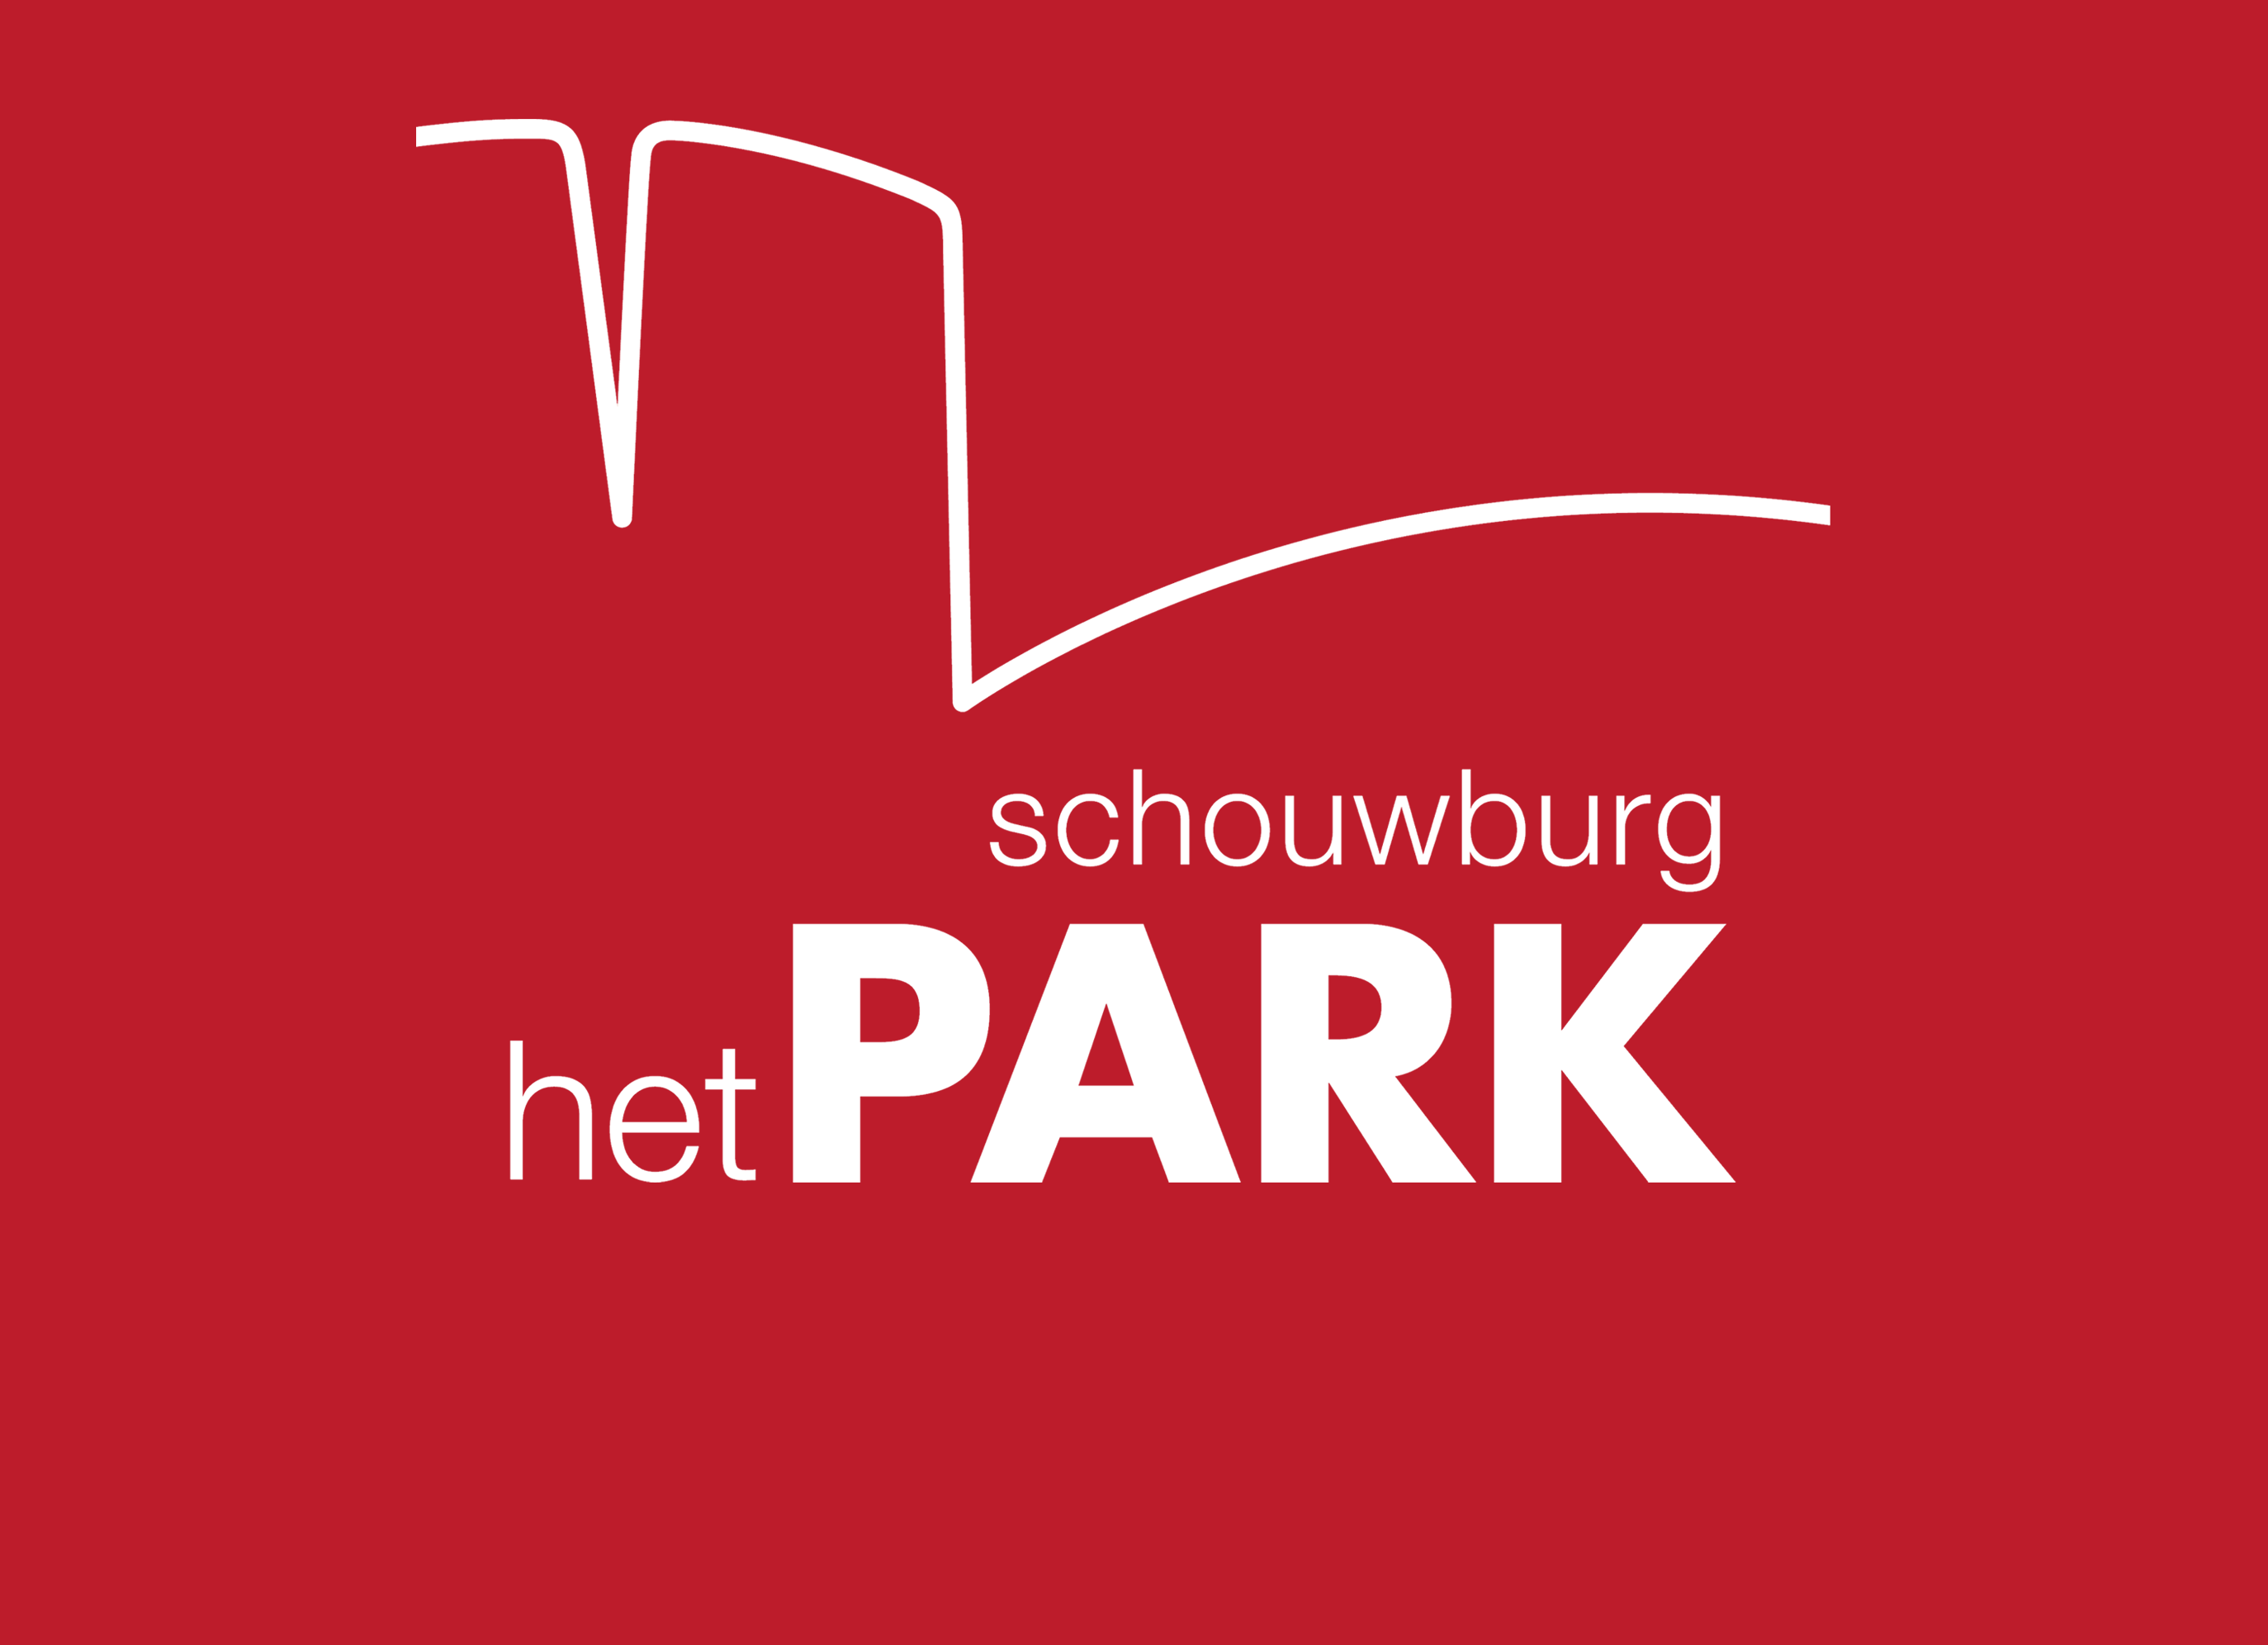 Schouwburg 't Park